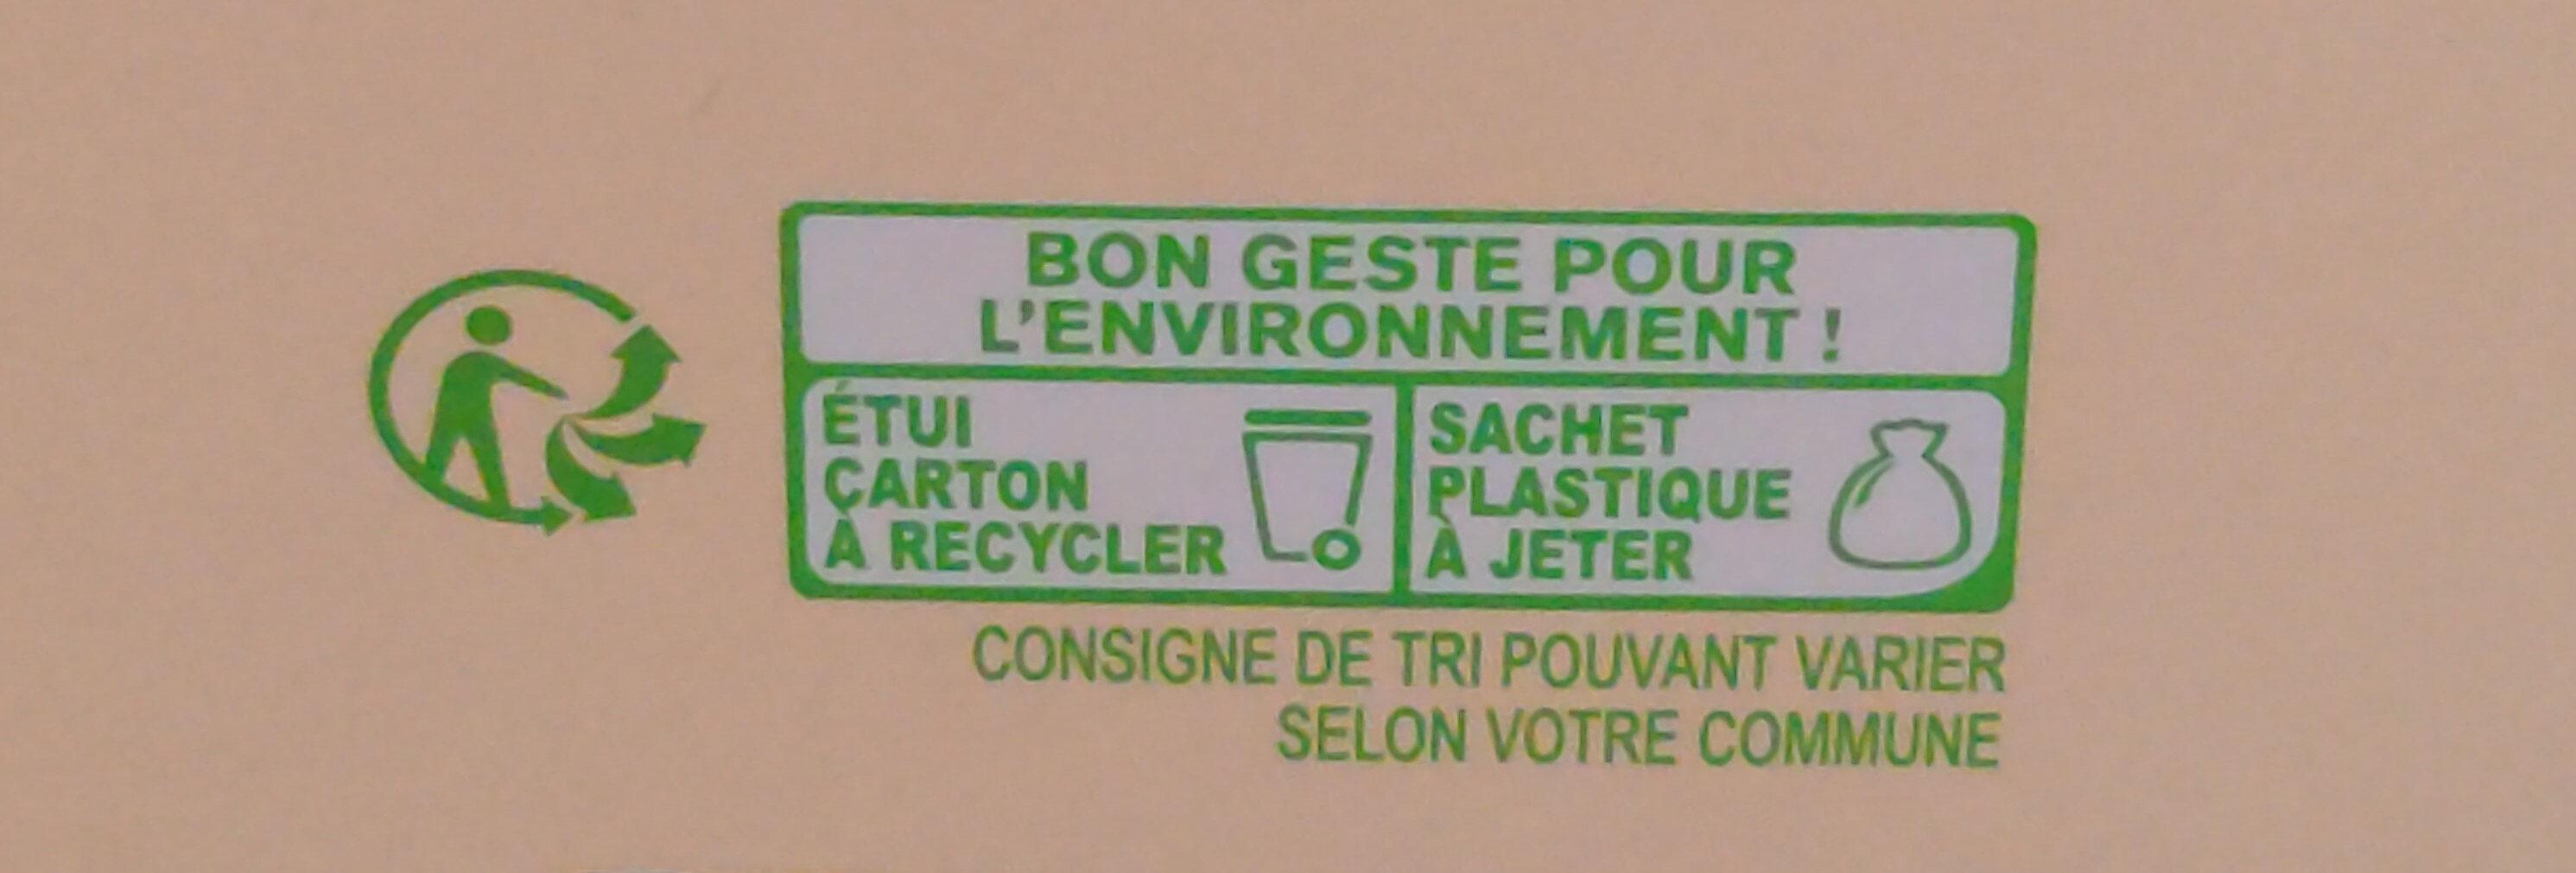 Muesli croustillant au chocolat - Instruction de recyclage et/ou informations d'emballage - fr